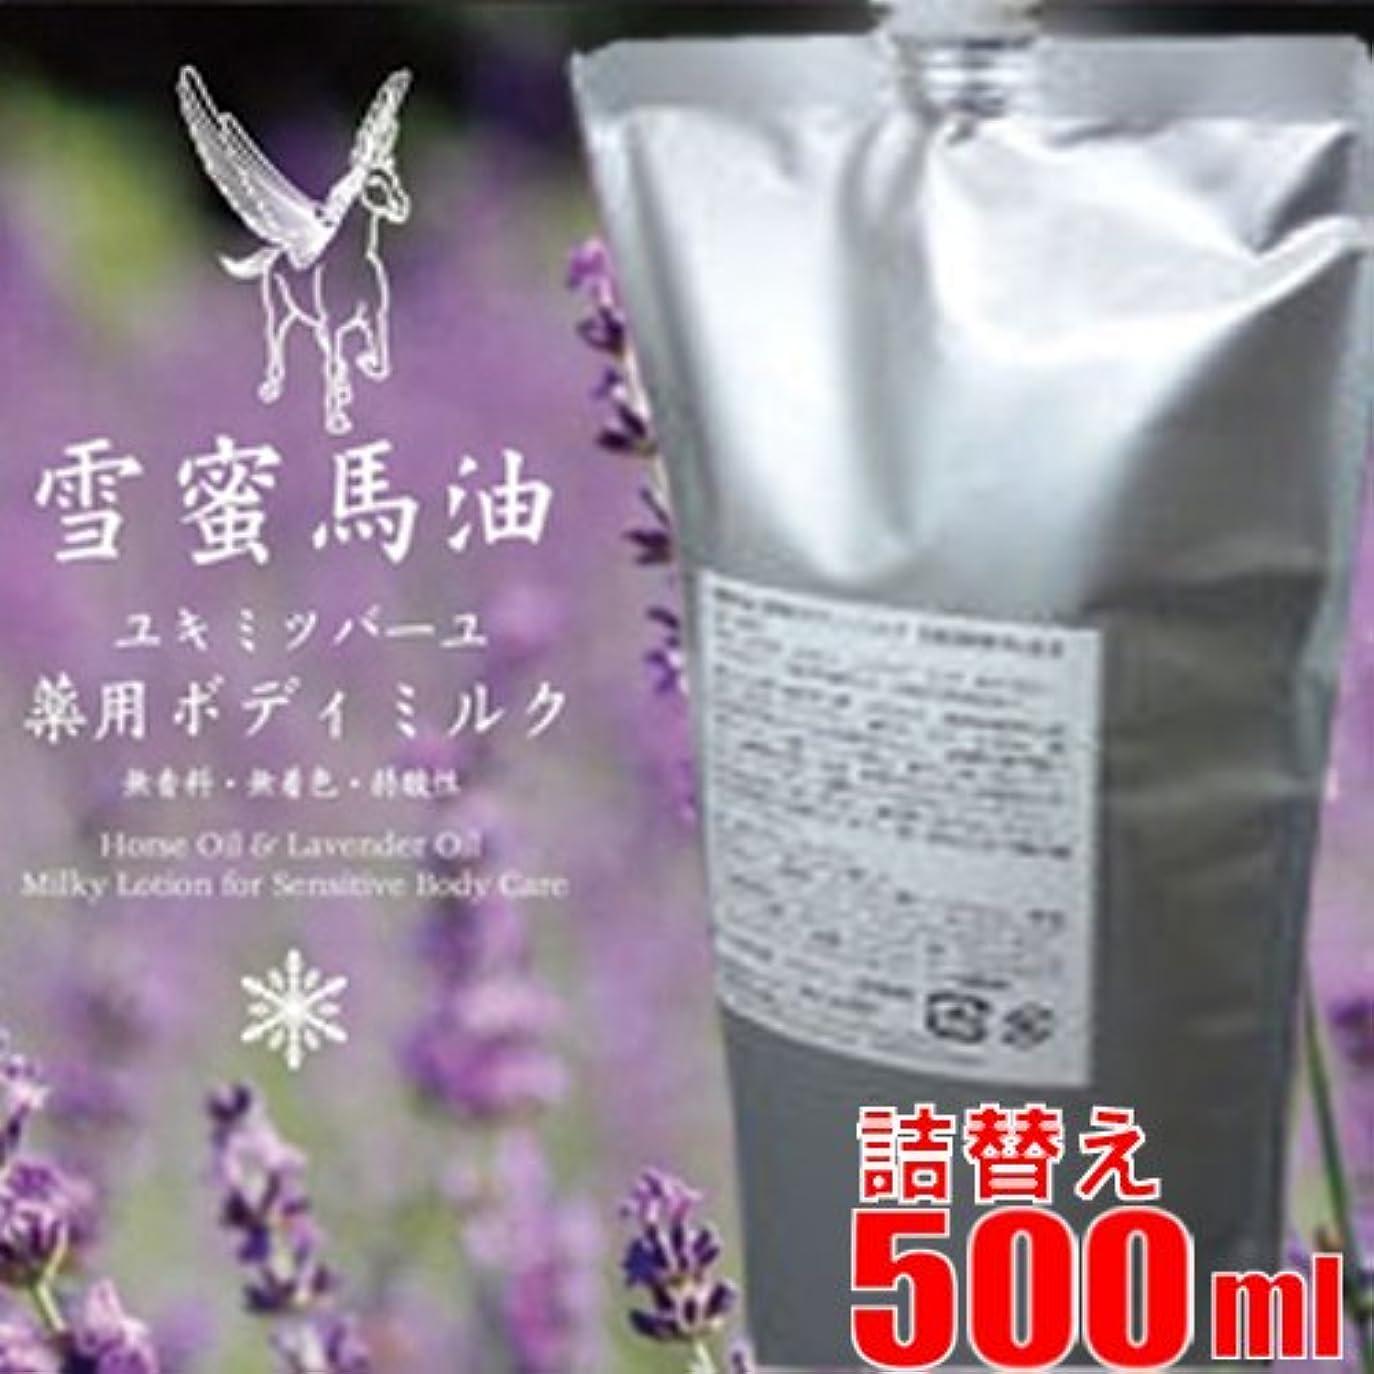 ゲートウェイ海嶺邪魔【詰替え500g】雪蜜馬油 薬用ボディミルク 詰替え500ml